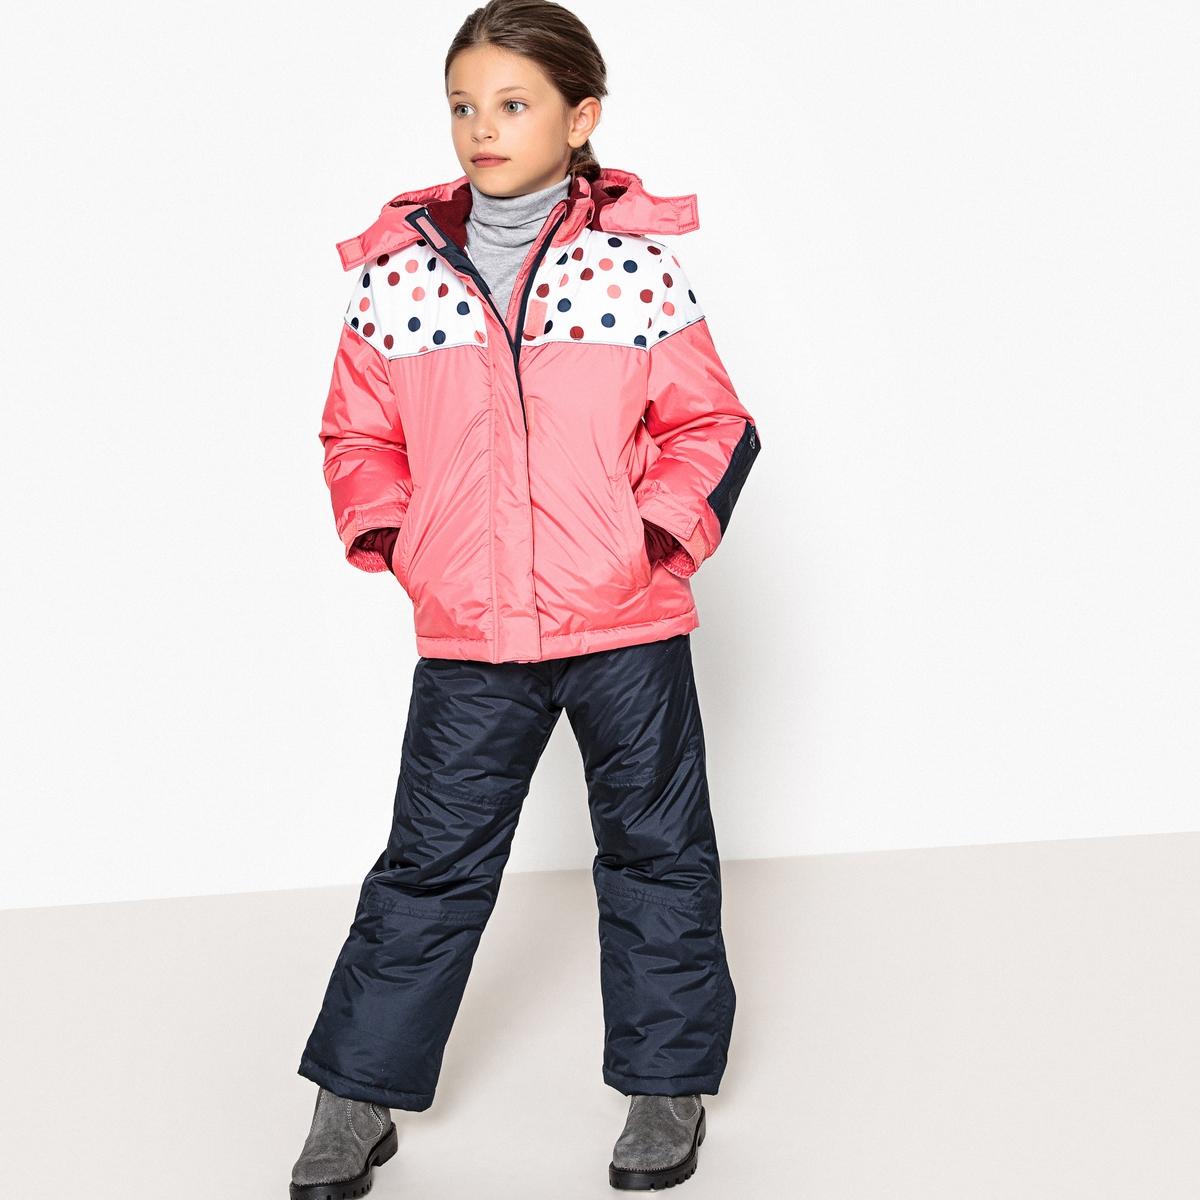 Комплект лыжный для девочки, 3-12 лет комплект лыжный larsen для юношей